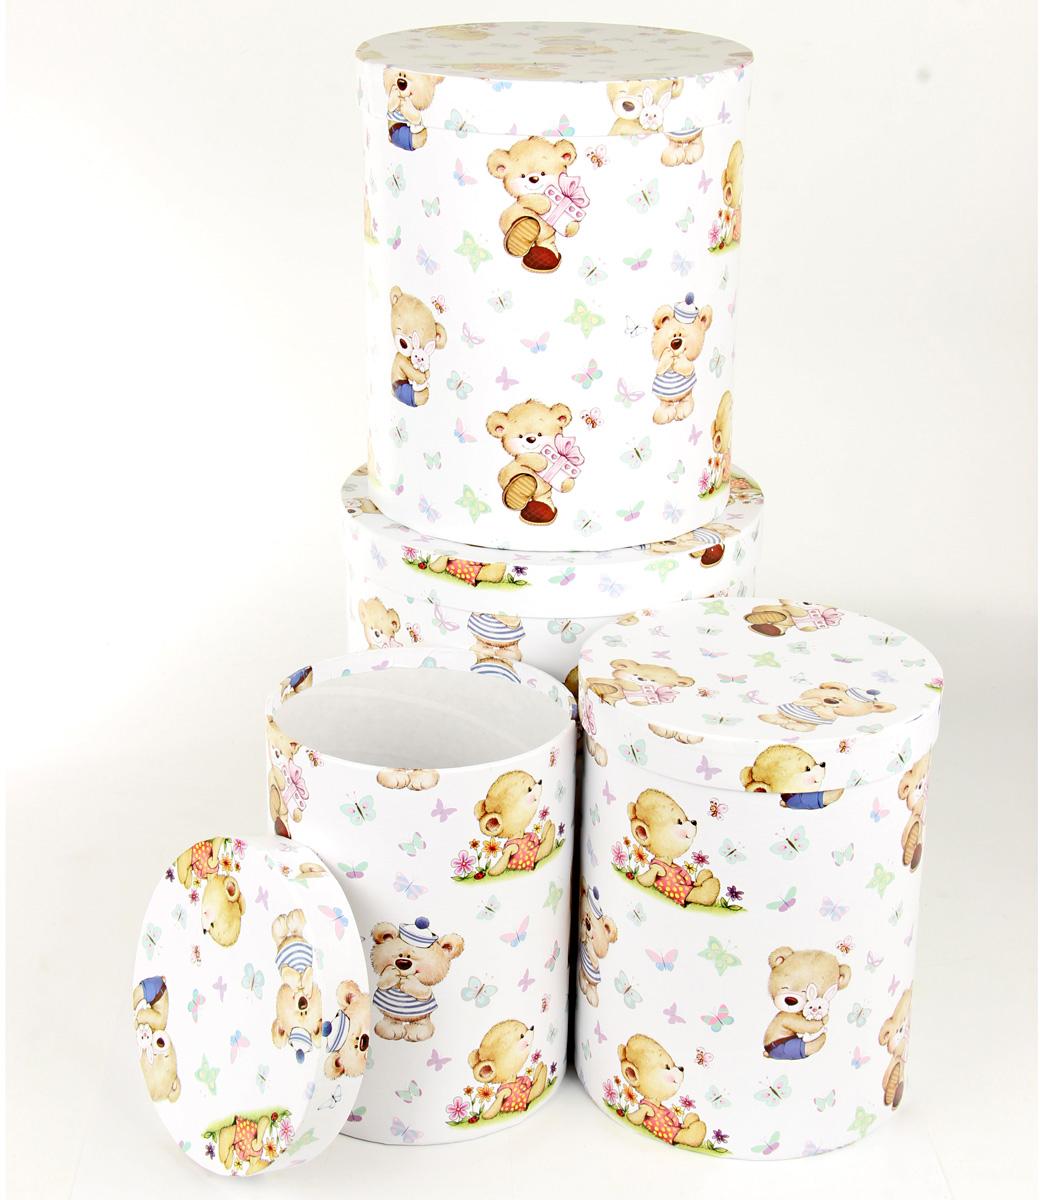 Набор подарочных коробок Veld-Co Миром правит доброта, круглые, 4 шт набор подарочных коробок veld co миром правит доброта 15 шт